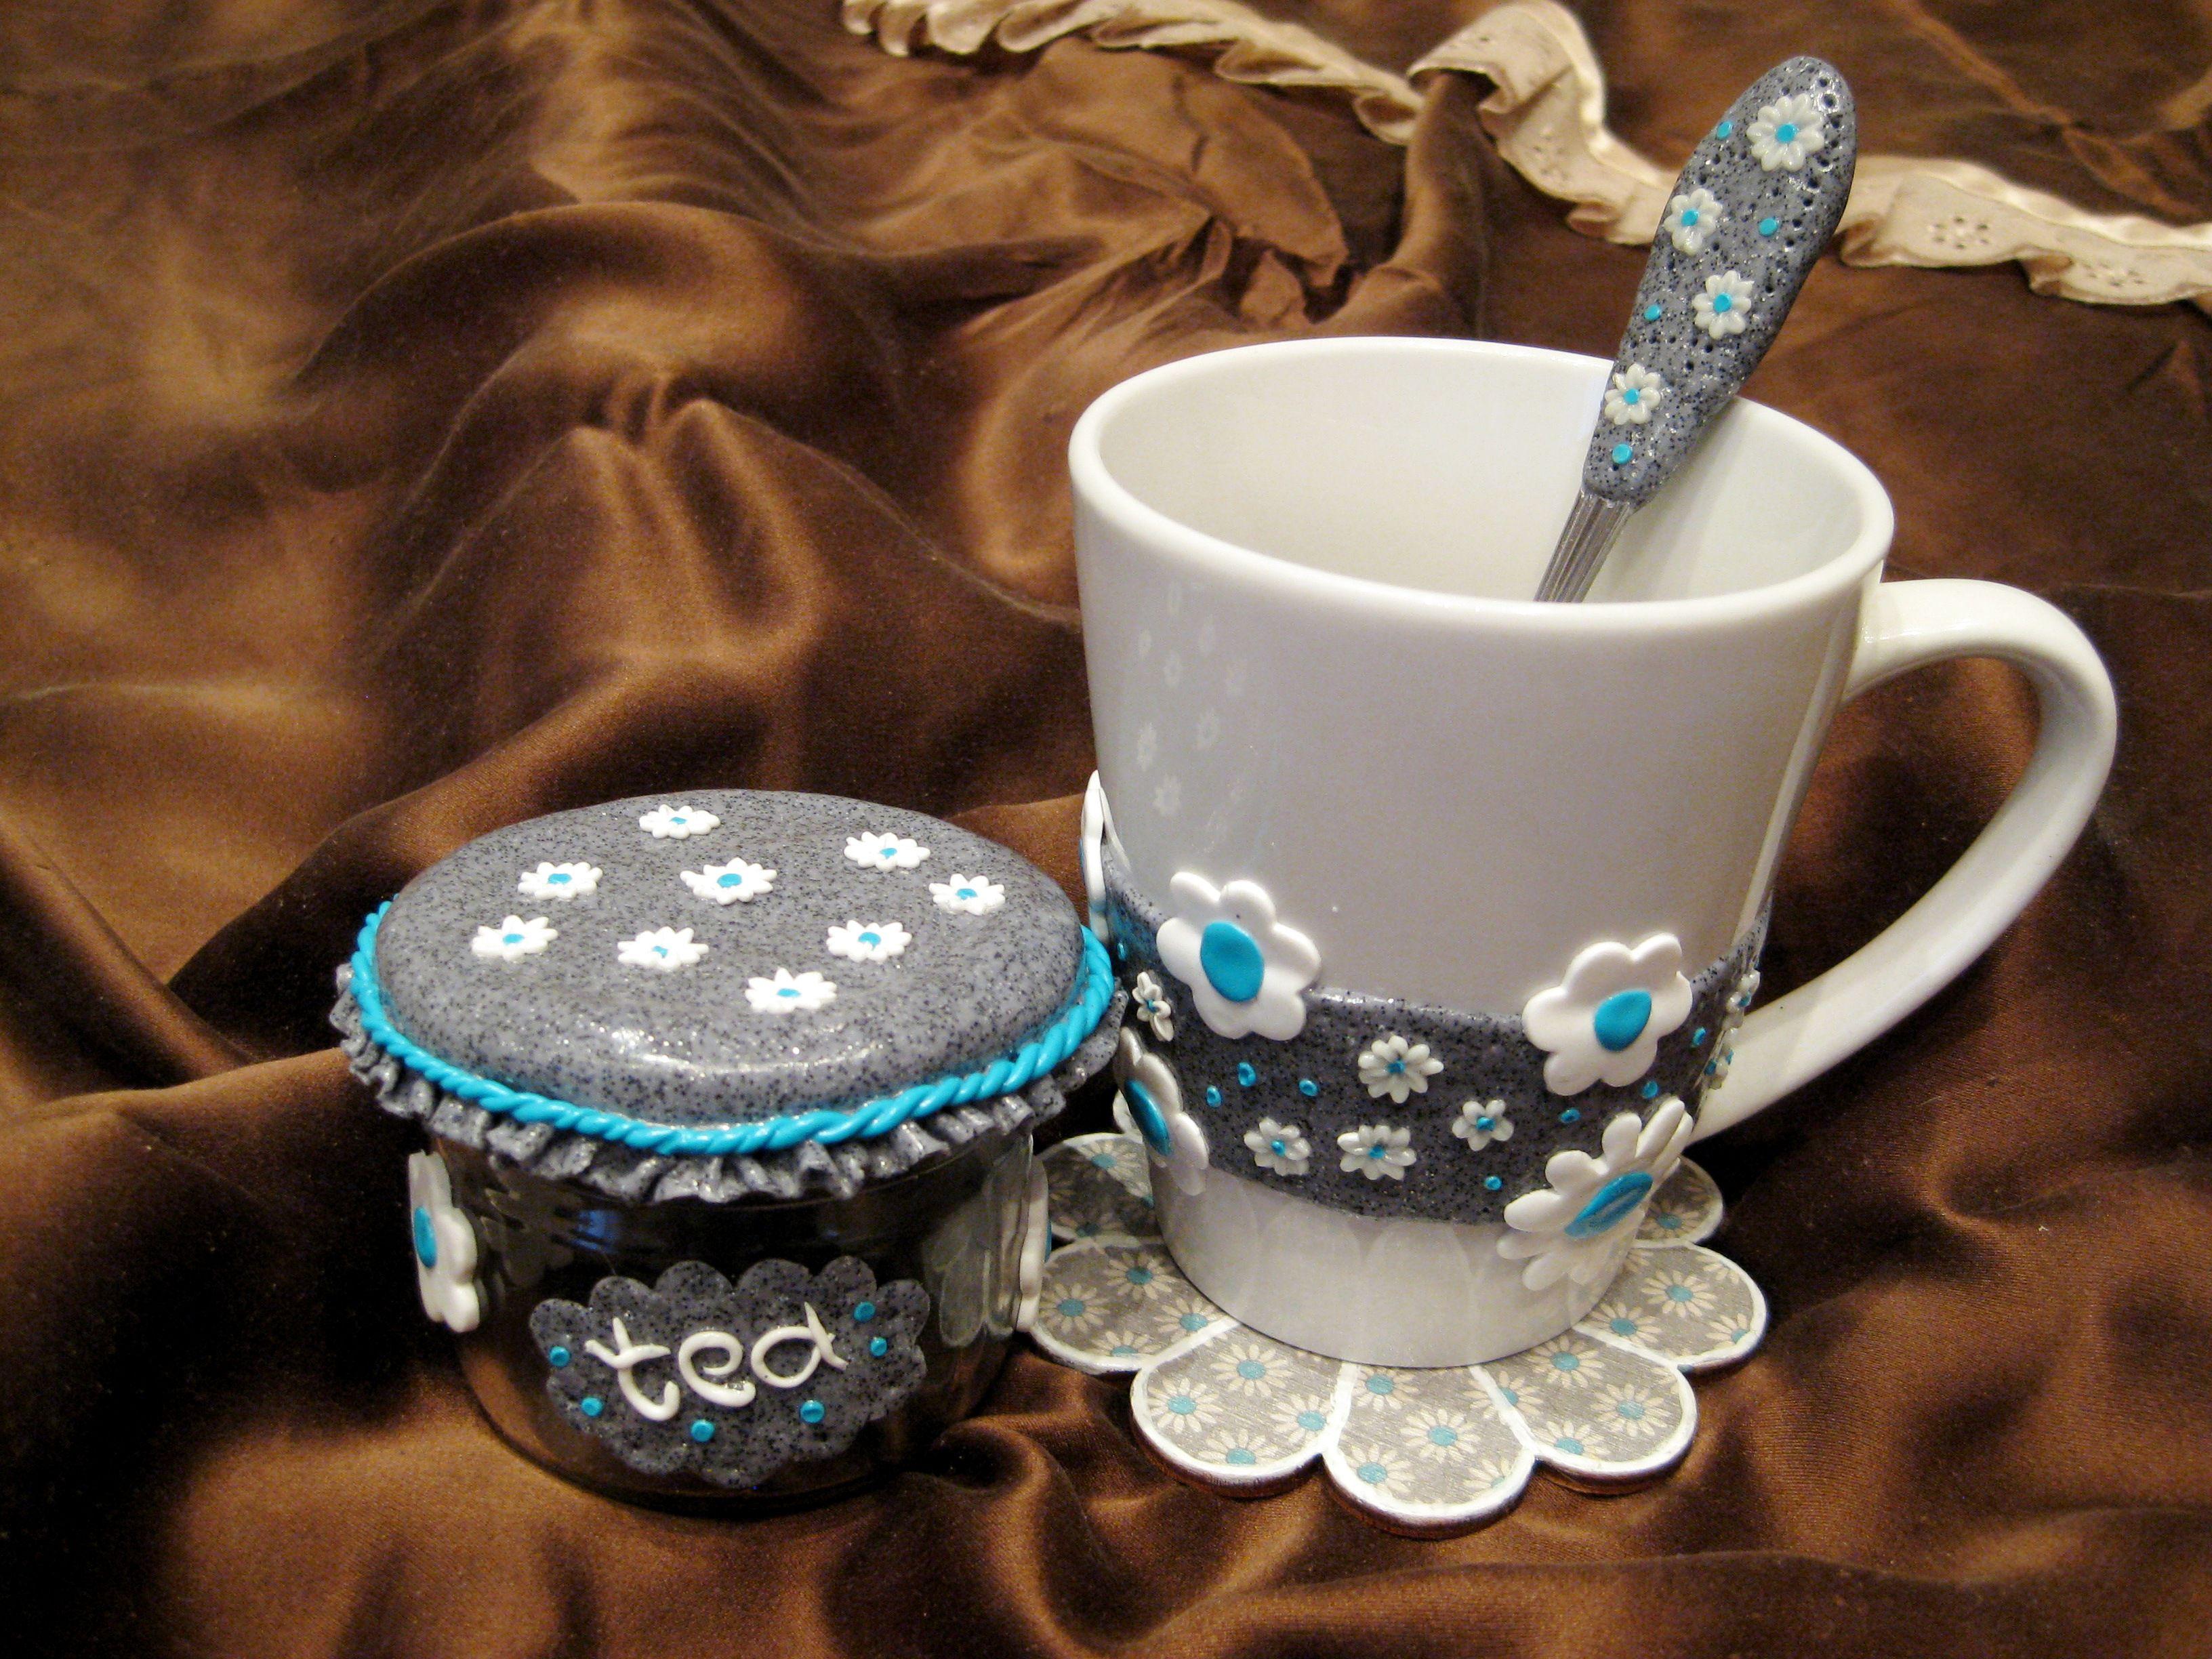 уникальныйподарок handmade набор хендмейд творчество кружка чашка ложка подарок